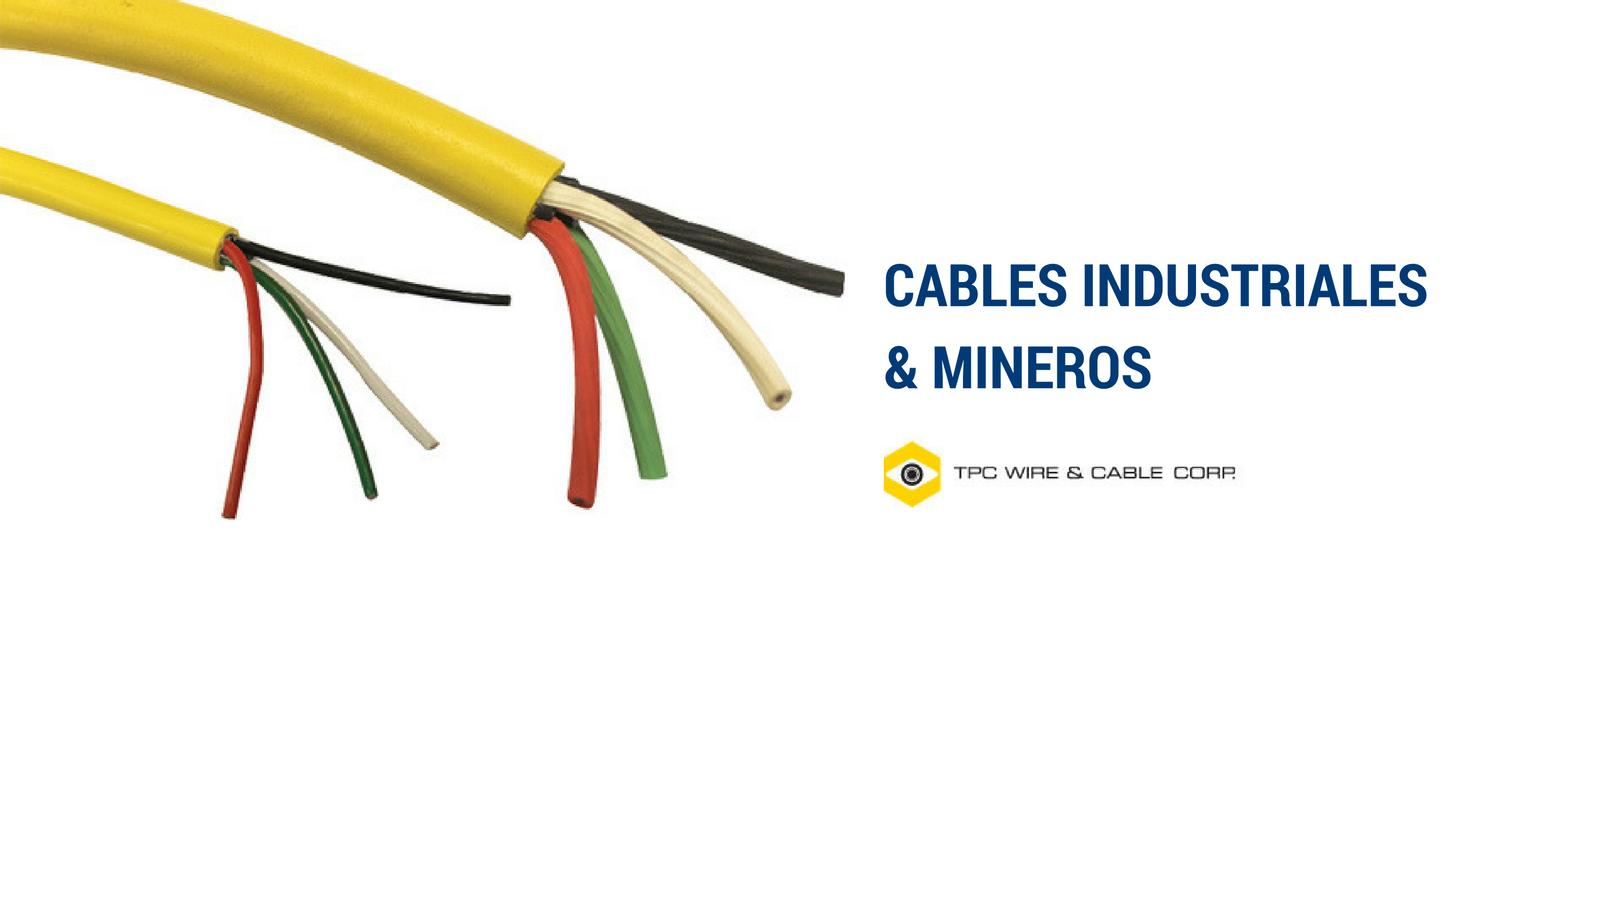 Cables Industriales & Mineros